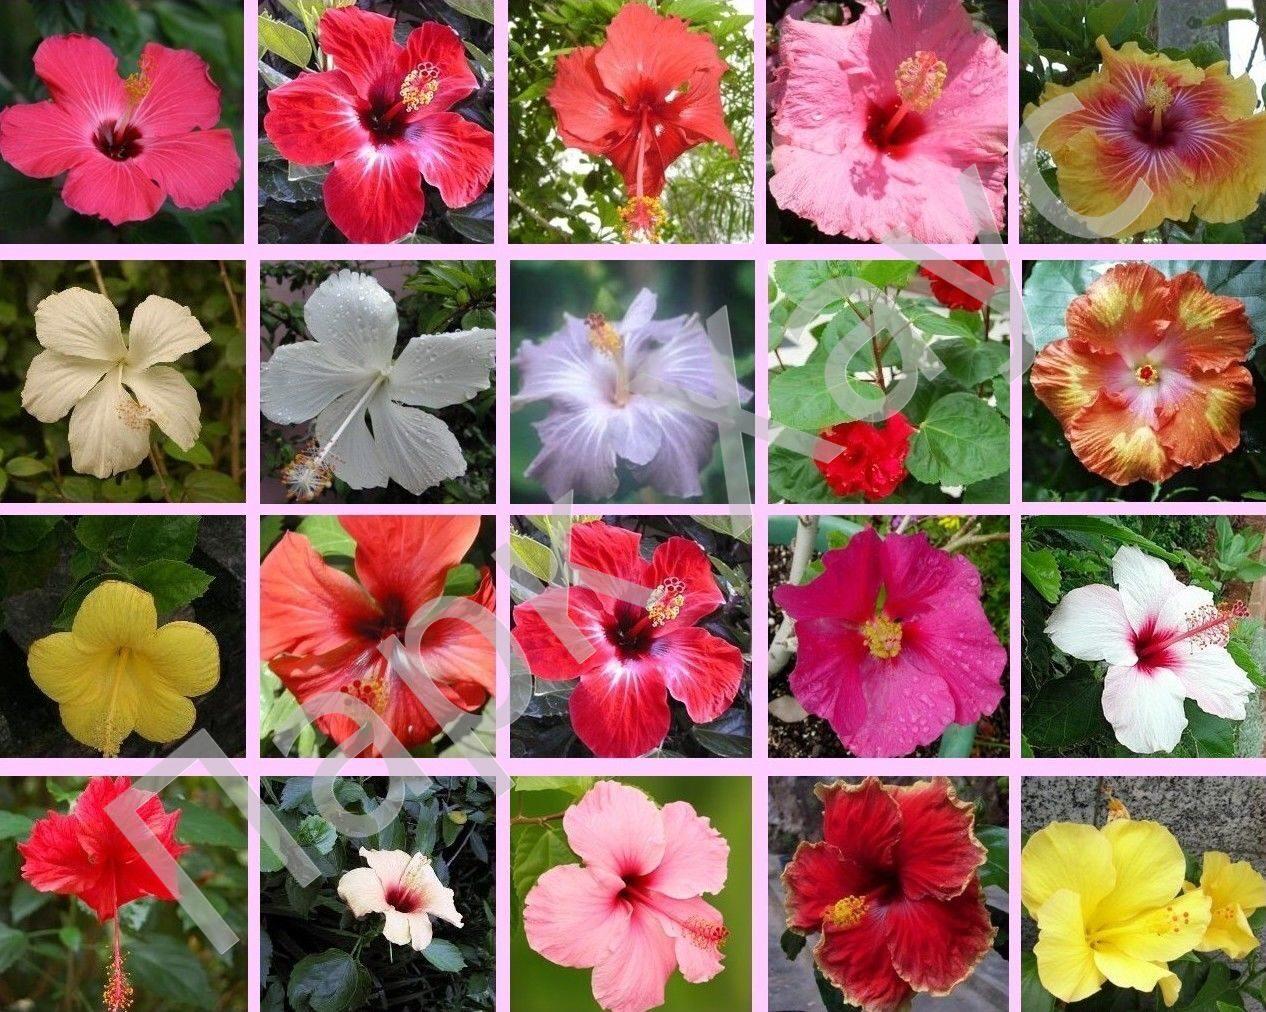 Гибискус китайский (Бунгарайя малазийская, китайский розан) в ассортименте, Hibiscus rosa-chinensis mix ЦВЕТЫ оранжерейные и экз